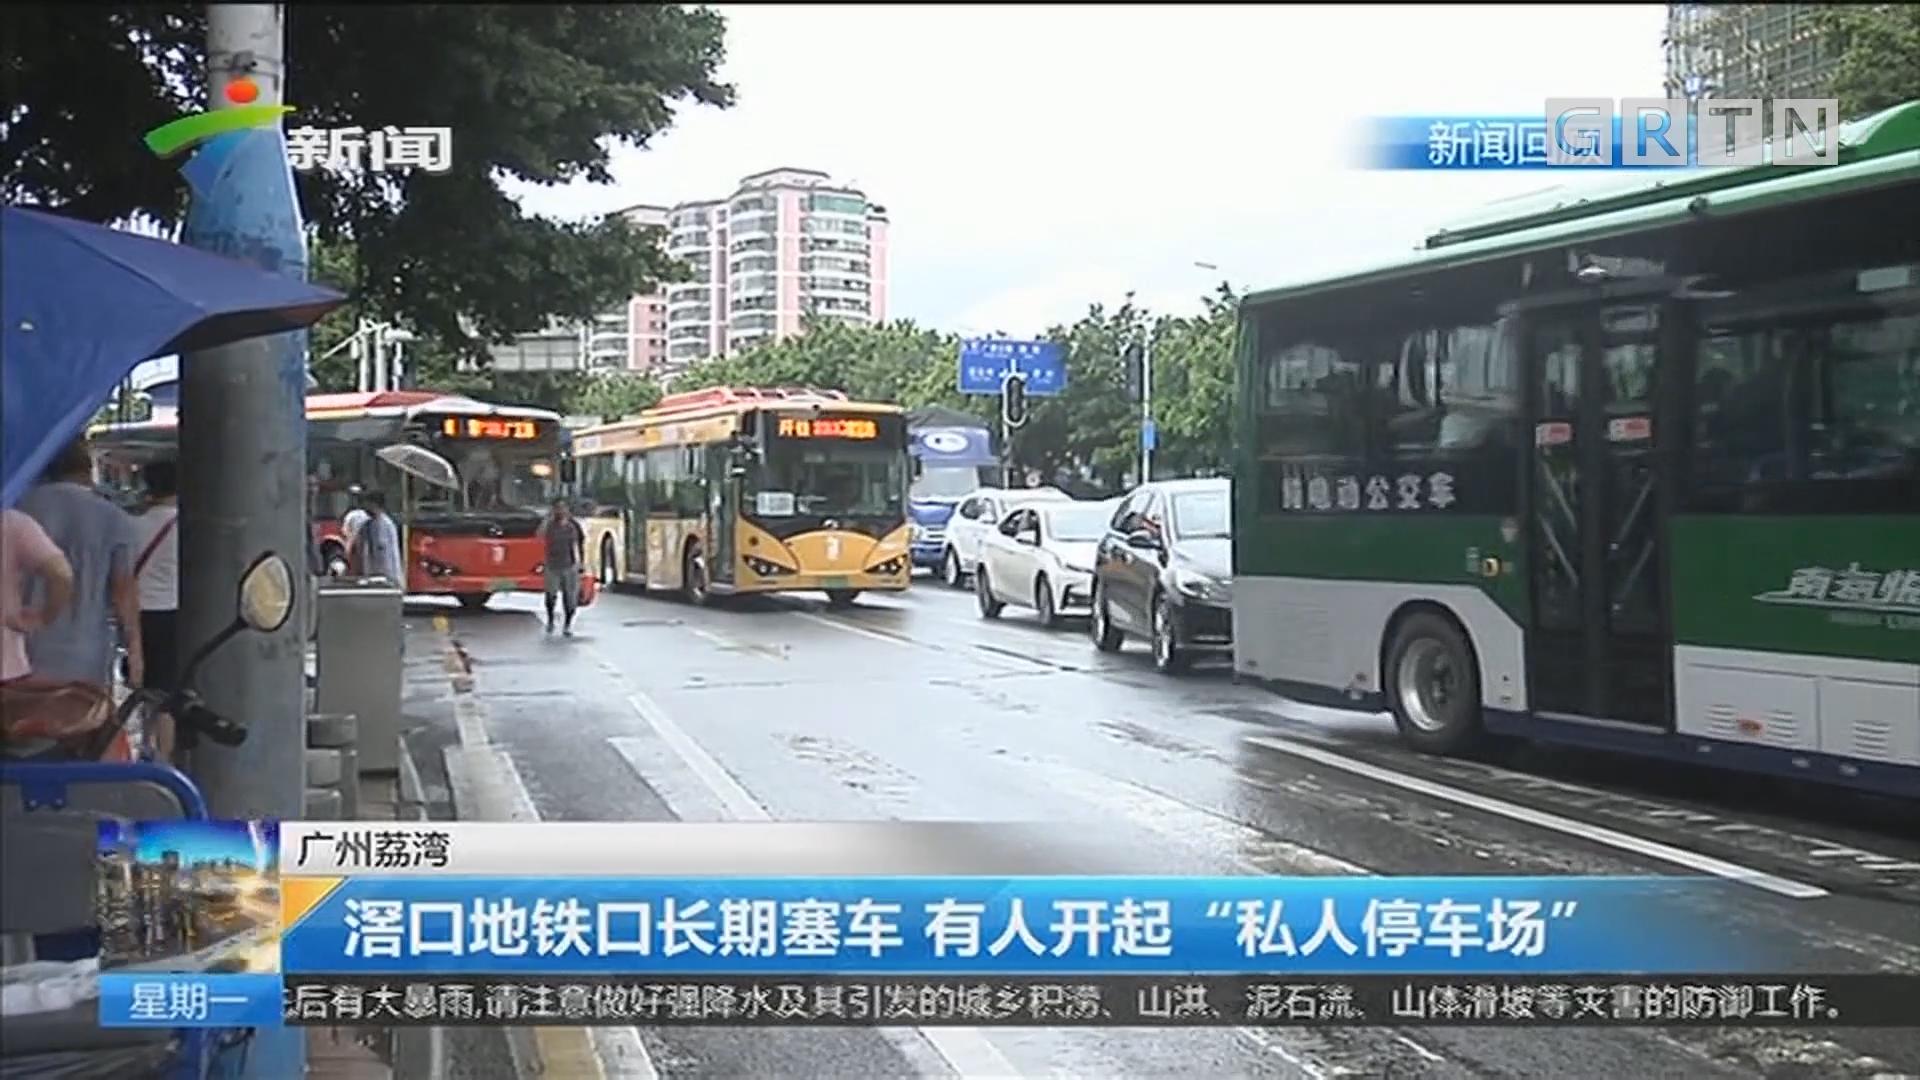 """广州荔湾:滘口地铁口长期塞车 有人开起""""私人停车场"""""""